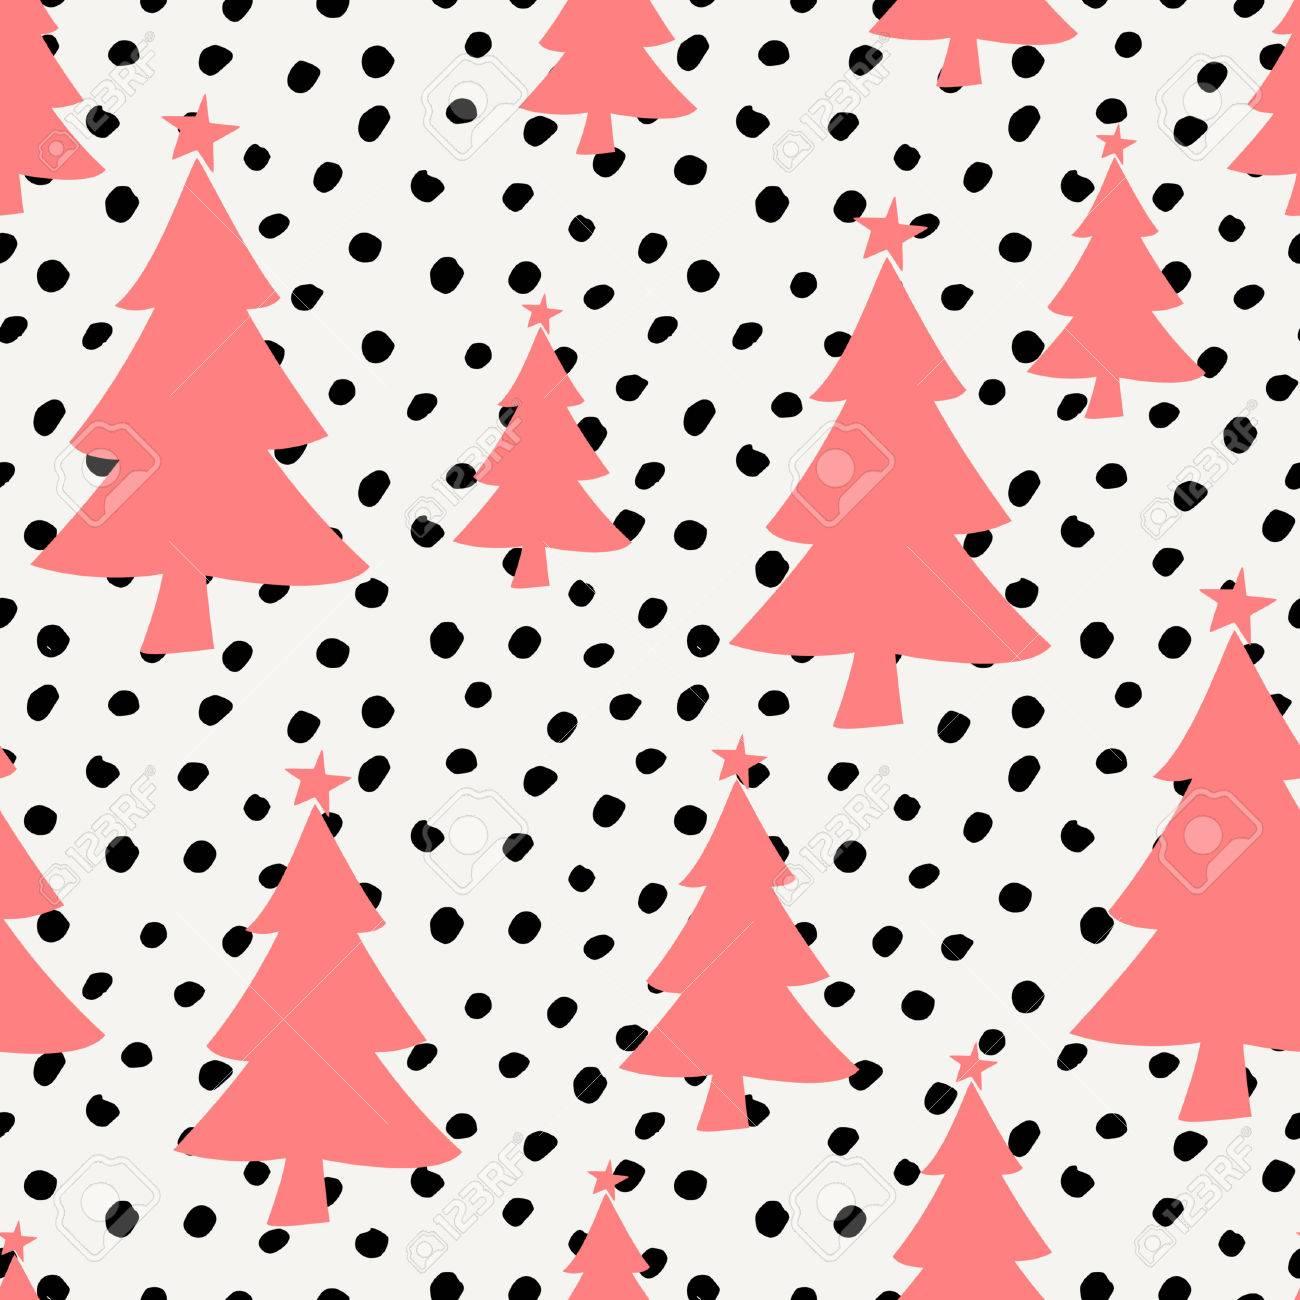 Invierno Patrón Transparente Con árboles De Navidad Rojos Y Puntos ...